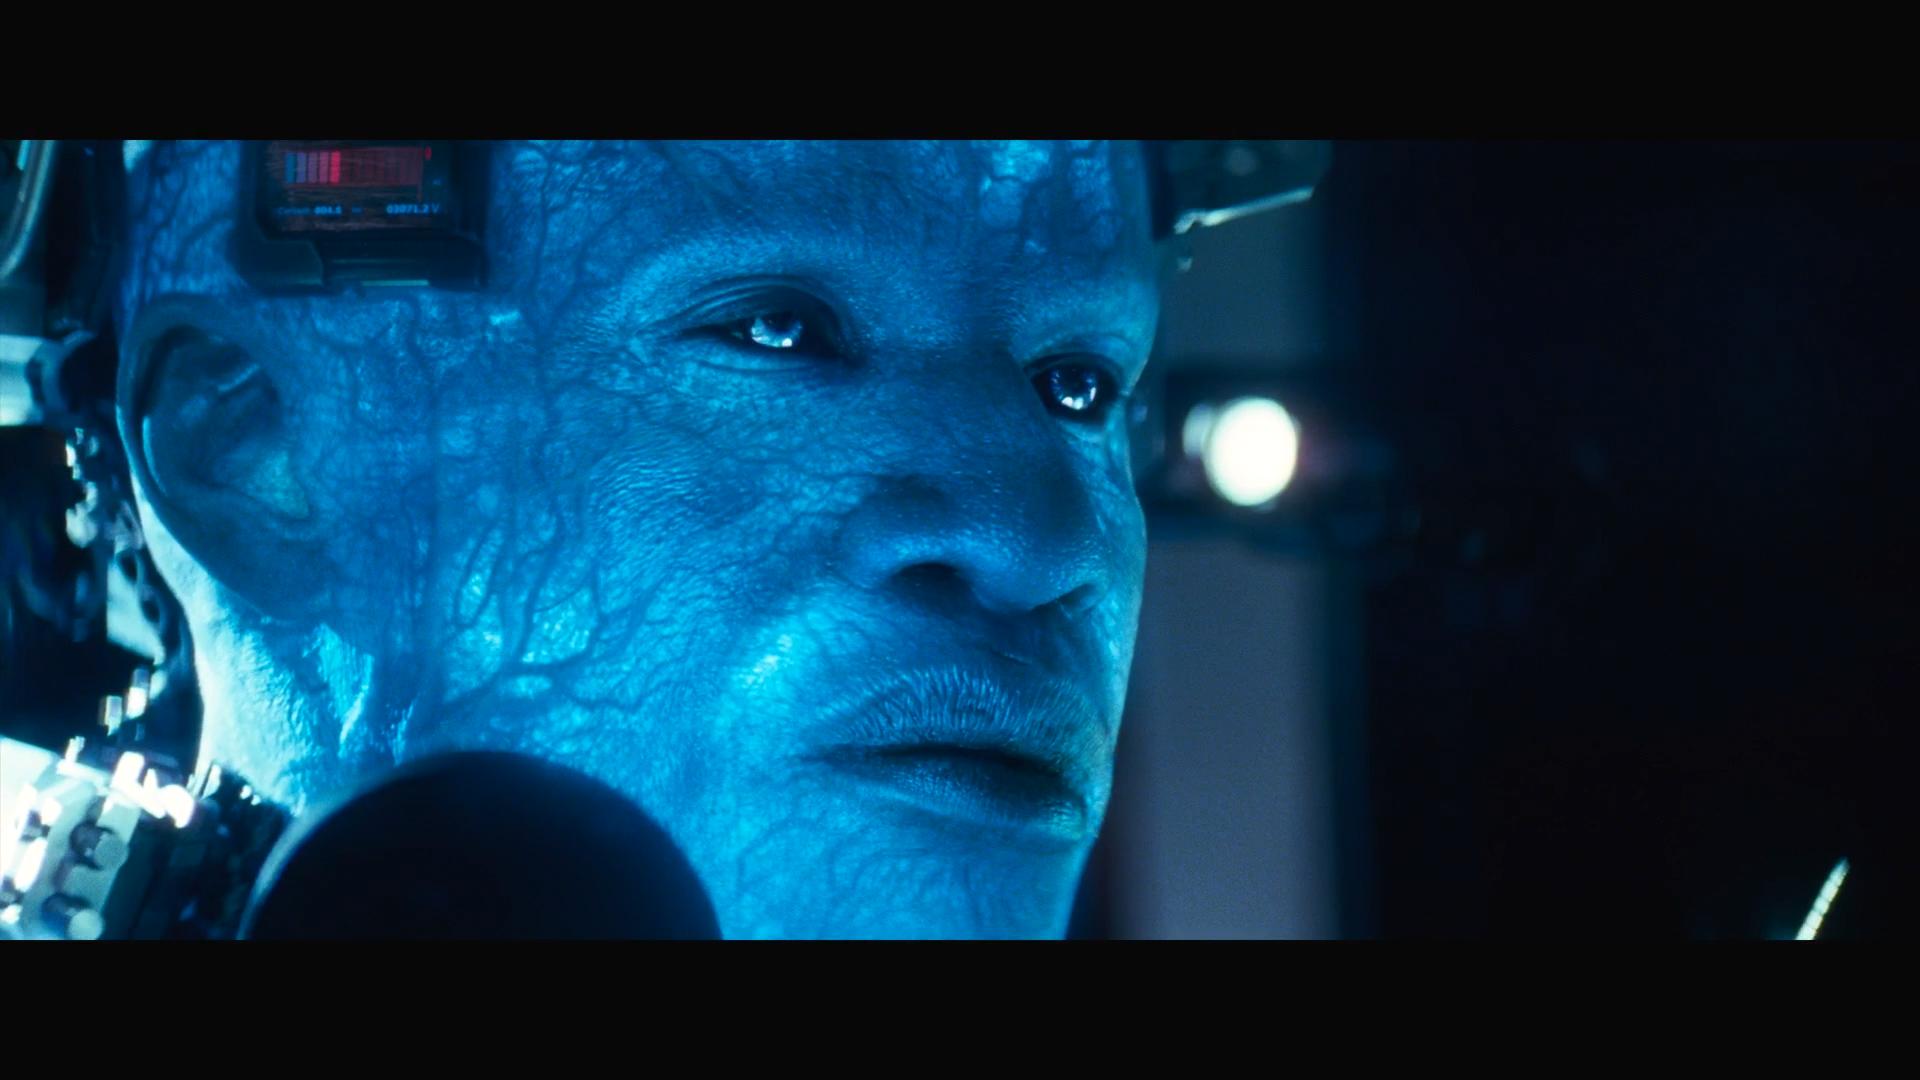 Новый Человек-паук: Высокое напряжение / The Amazing Spider-Man 2 (2014) BDRip 1080p | Лицензия